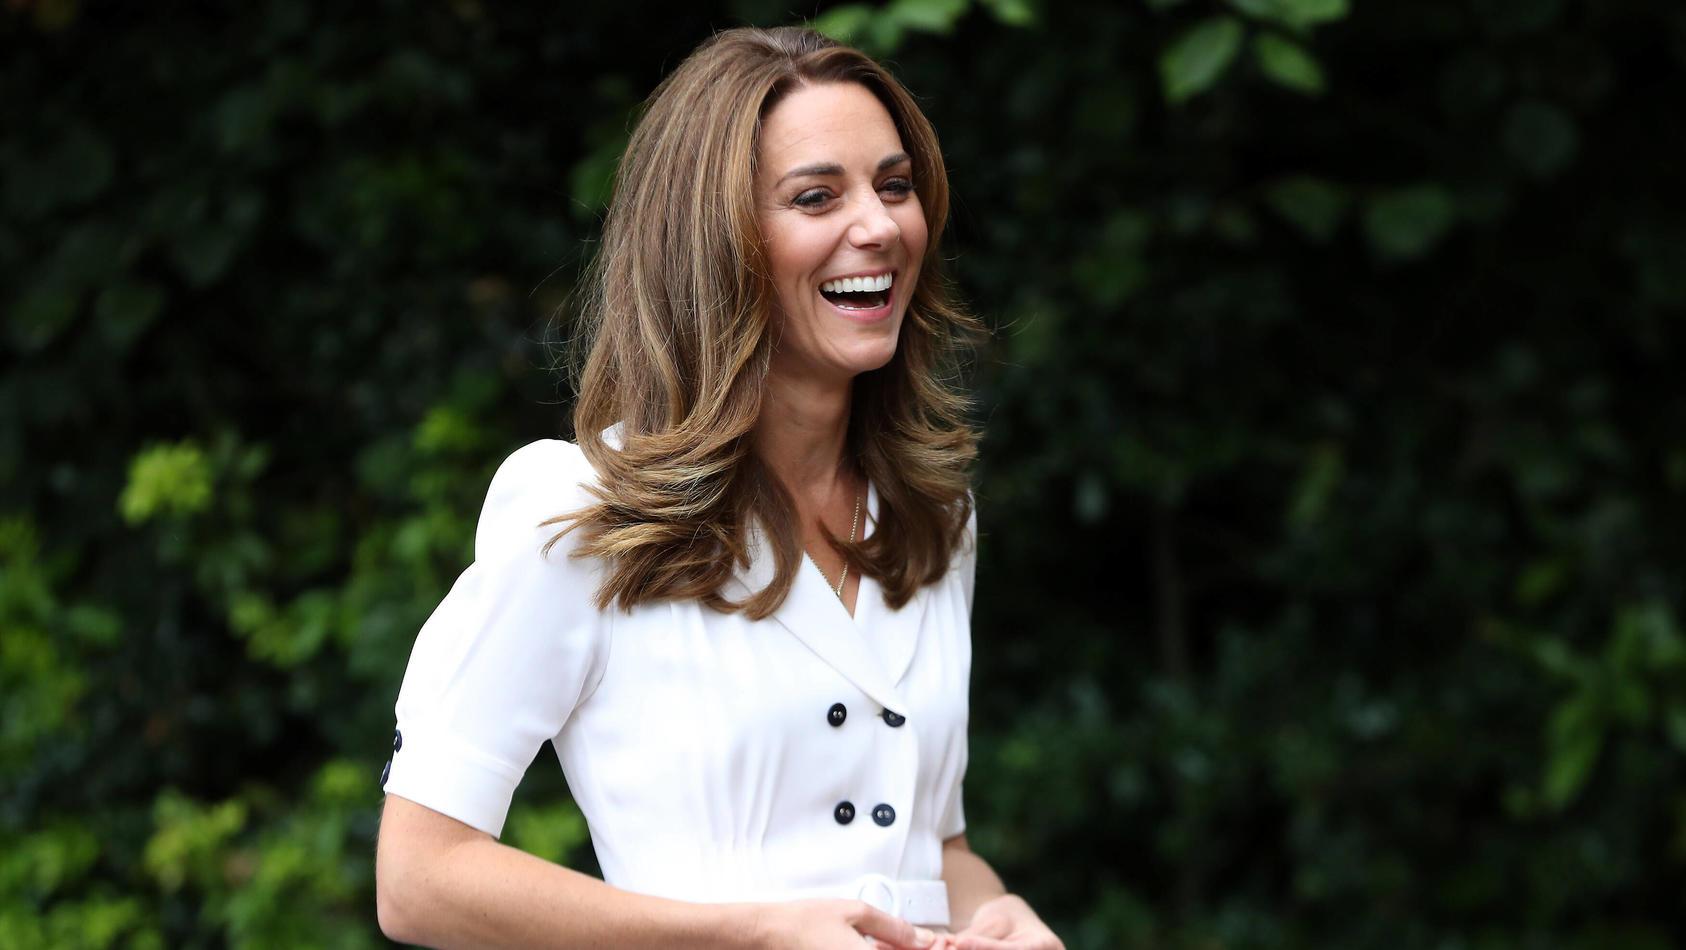 Herzogin Kate bei einem öffentlichen Auftritt im August 2020.